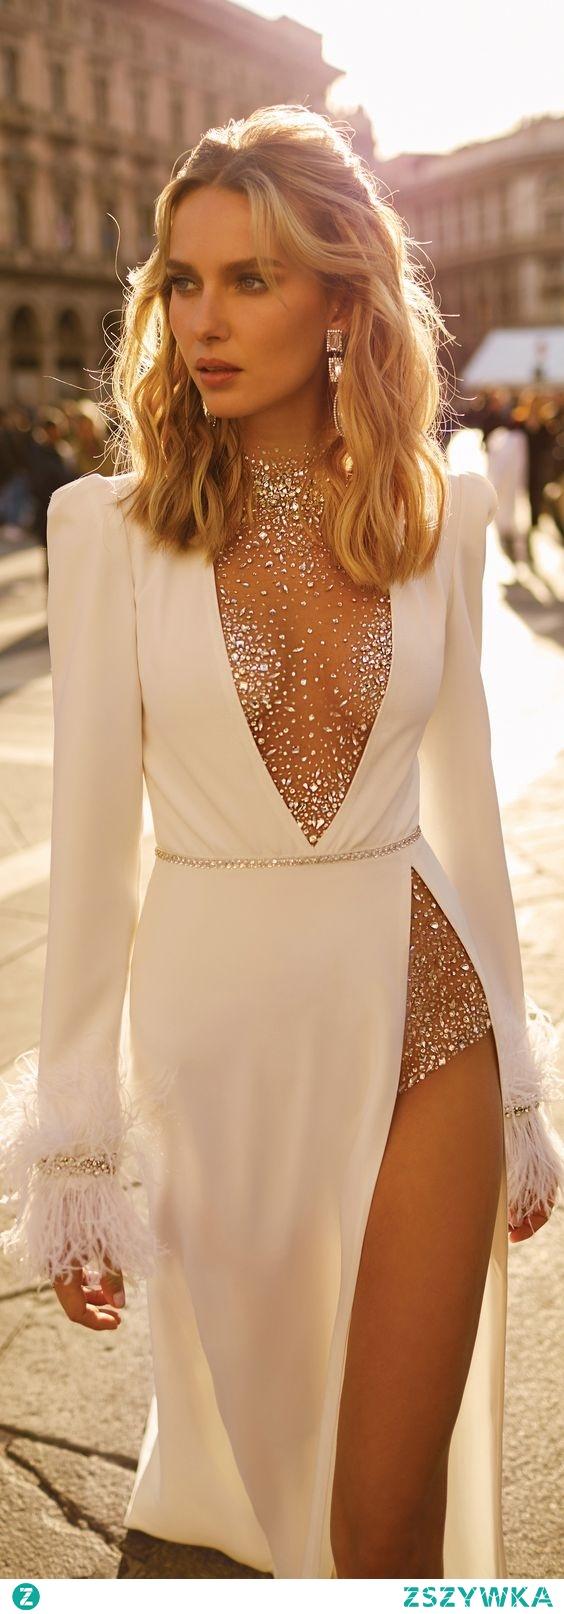 Gdzie mogę kupić taką sukienkę ??